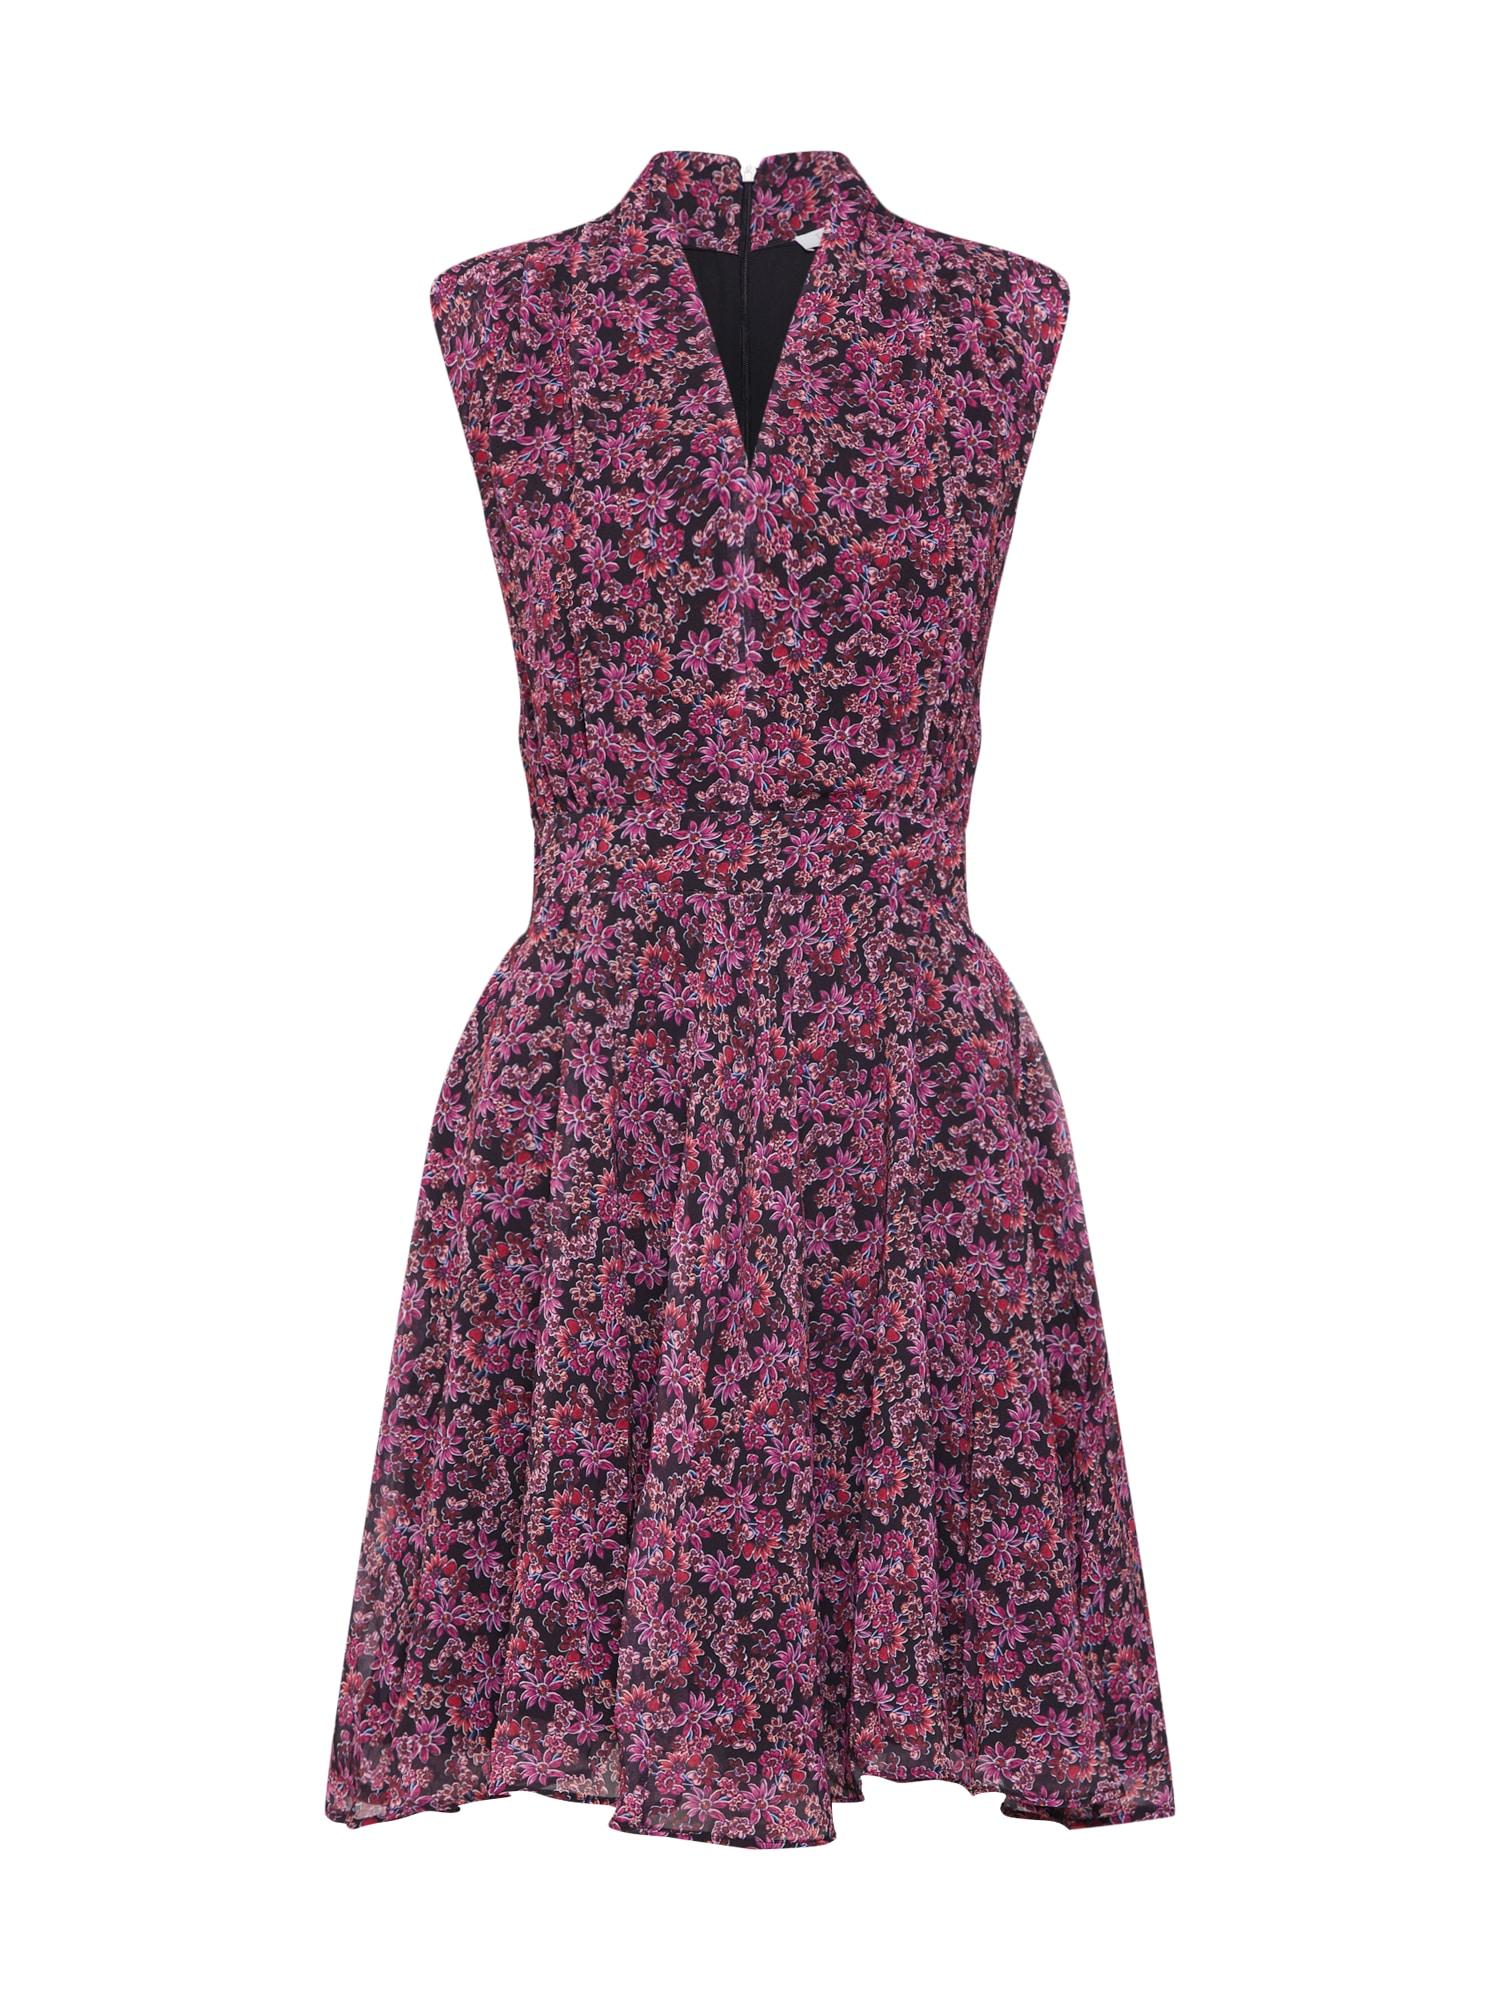 Letní šaty fialová mix barev Freebird